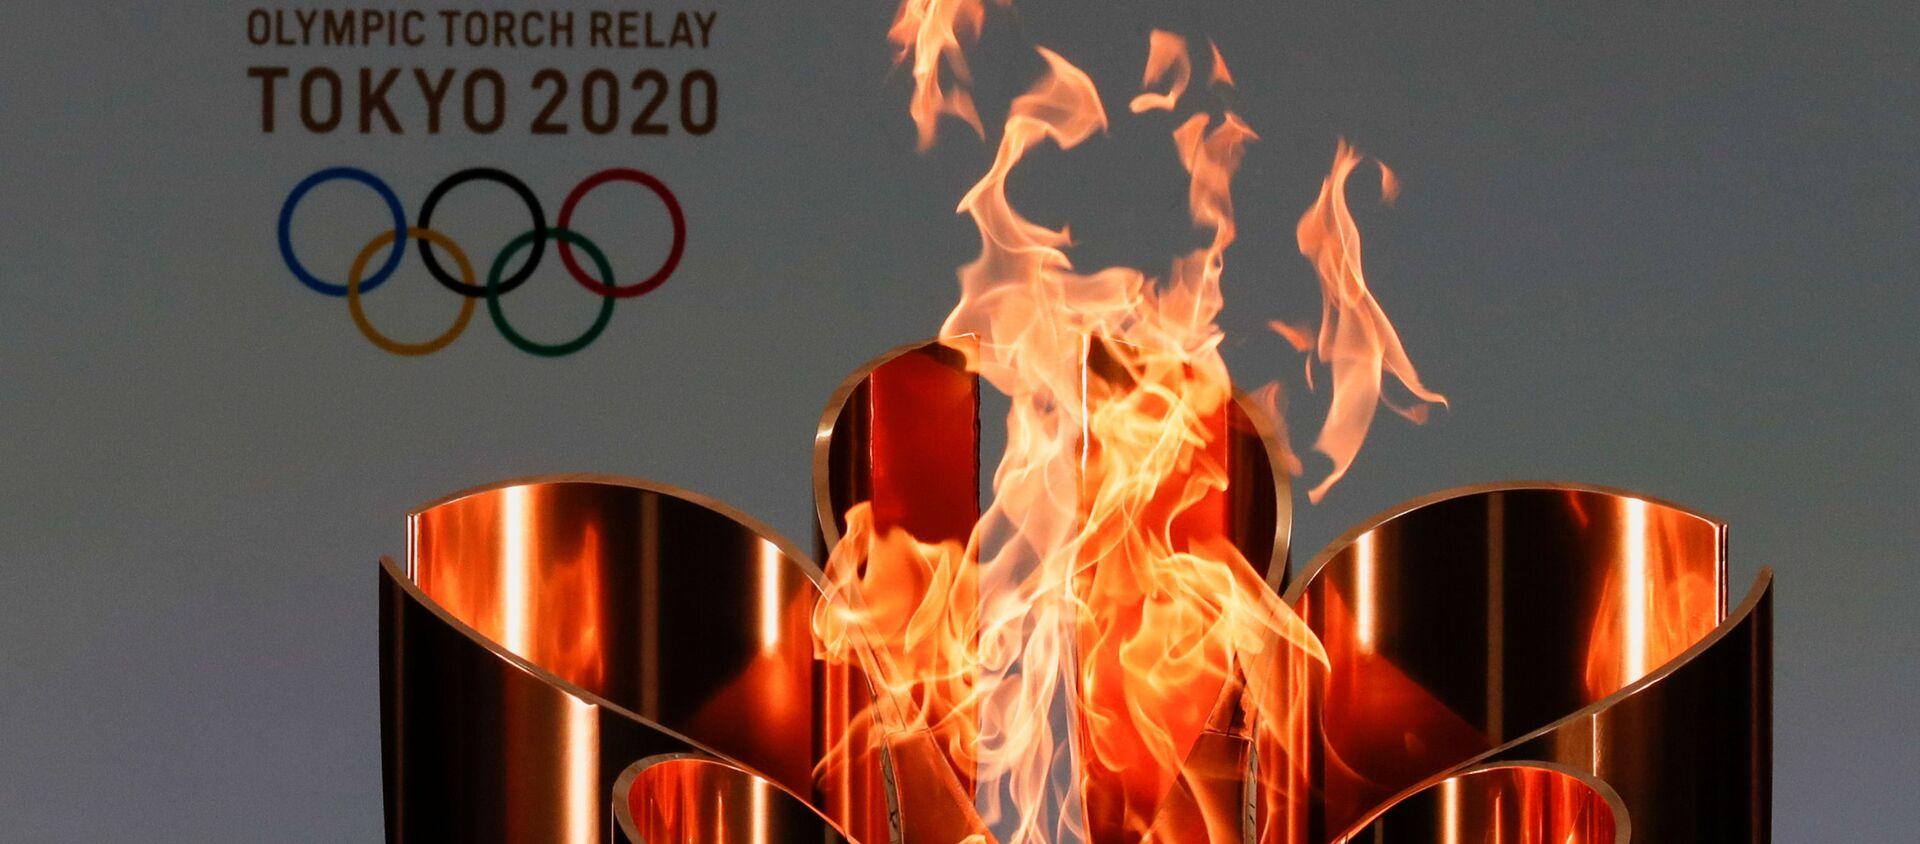 Олимпийский огонь во время эстафеты Олимпийского огня в Токио-2020 в префектуре Фукусима, Япония - Sputnik Արմենիա, 1920, 08.07.2021